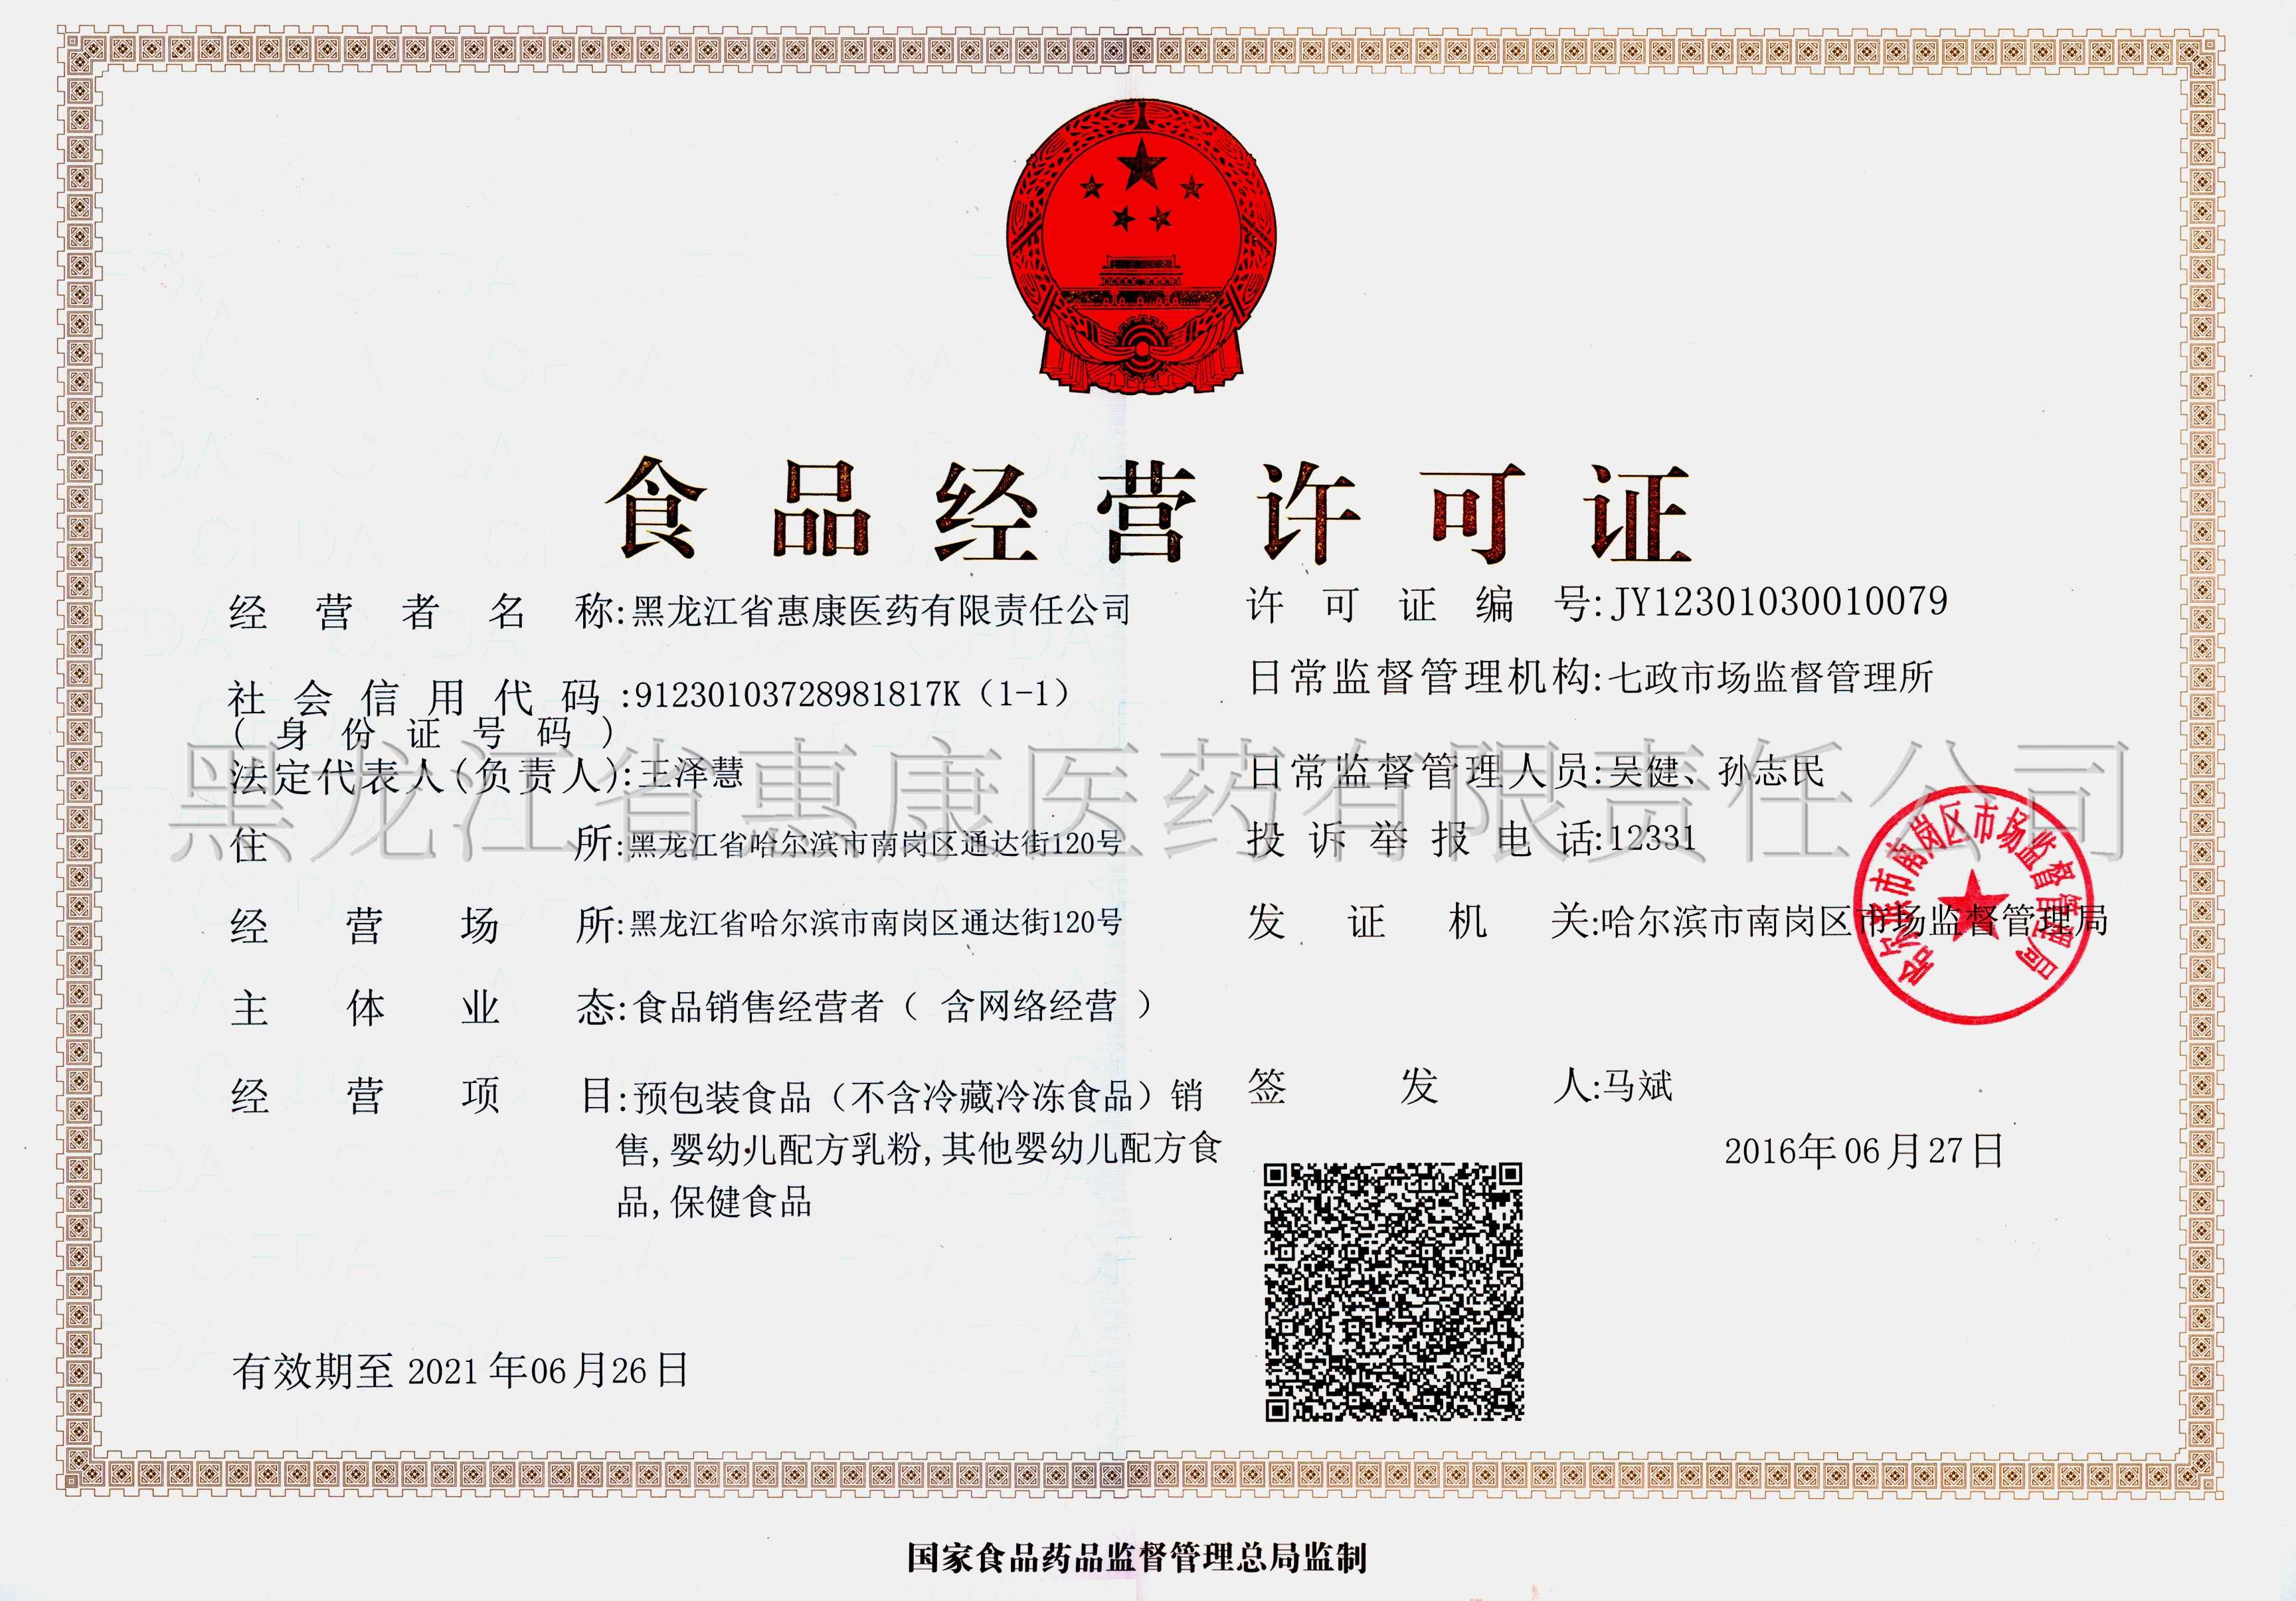 6-食品經營許可證